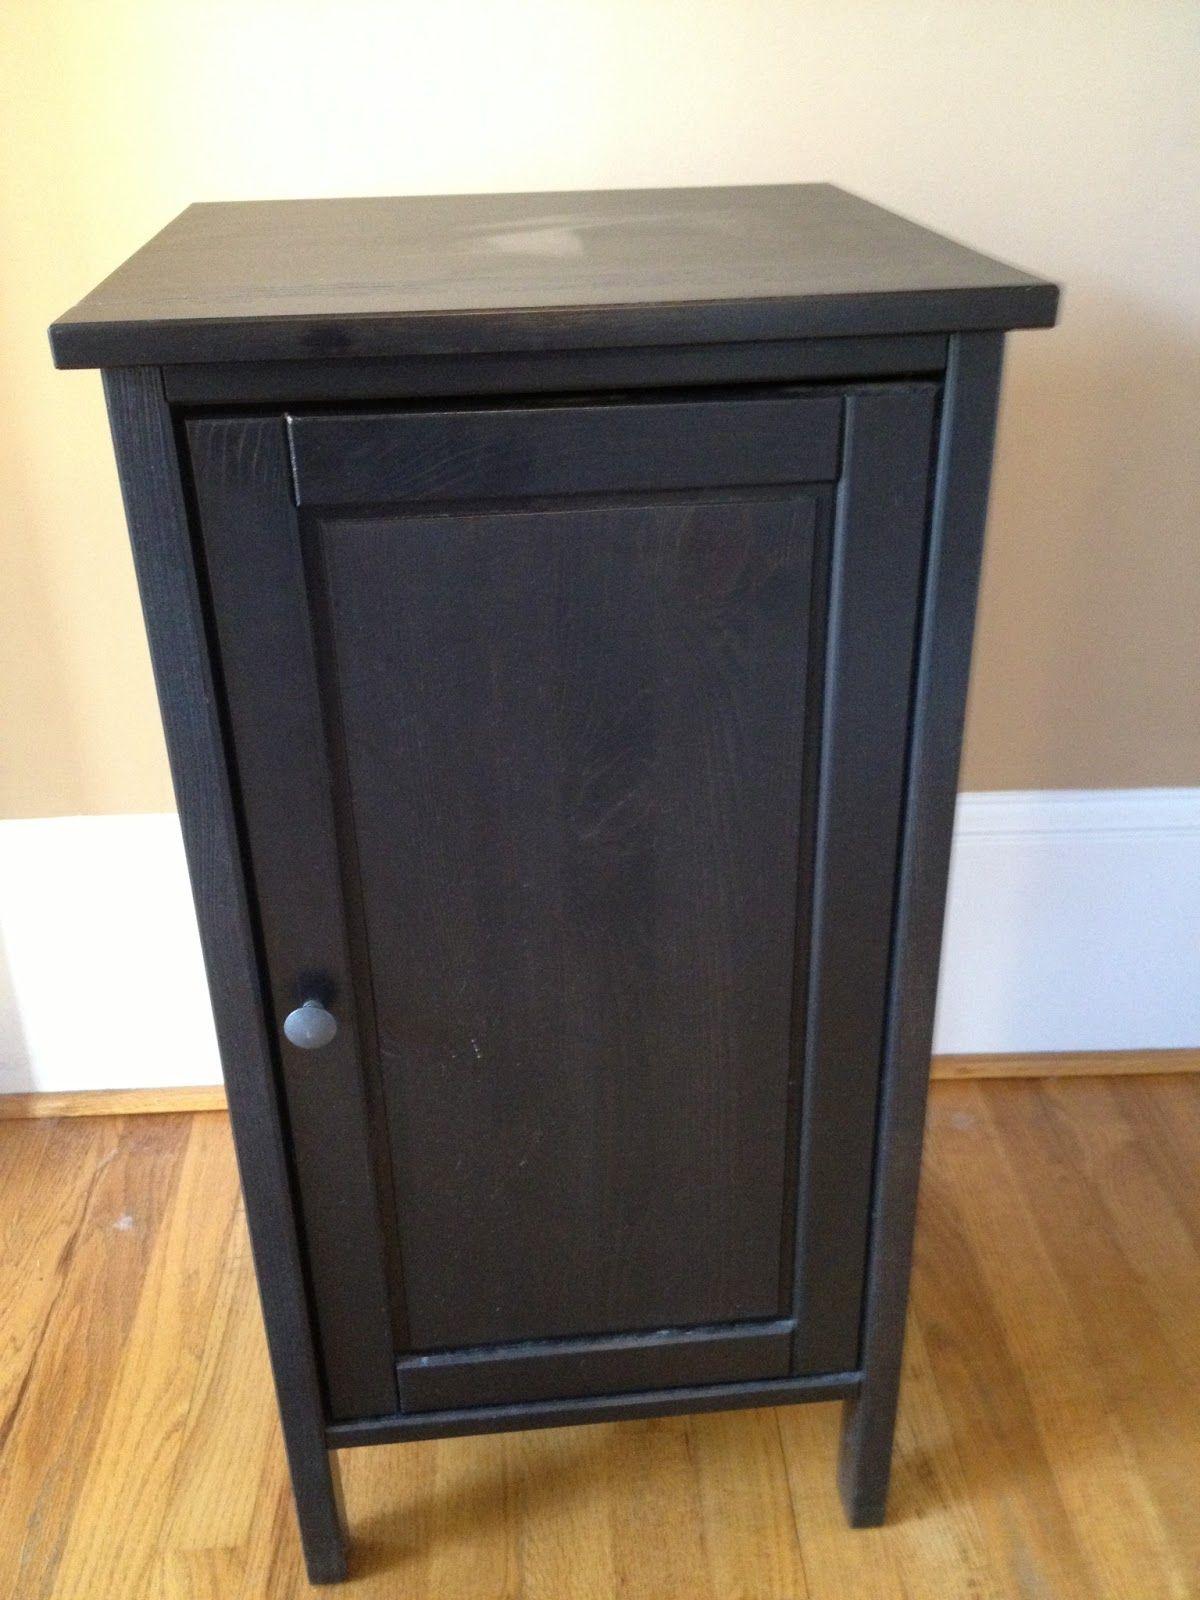 An Ikea Door Front Nightstand Became Powder Room Storage